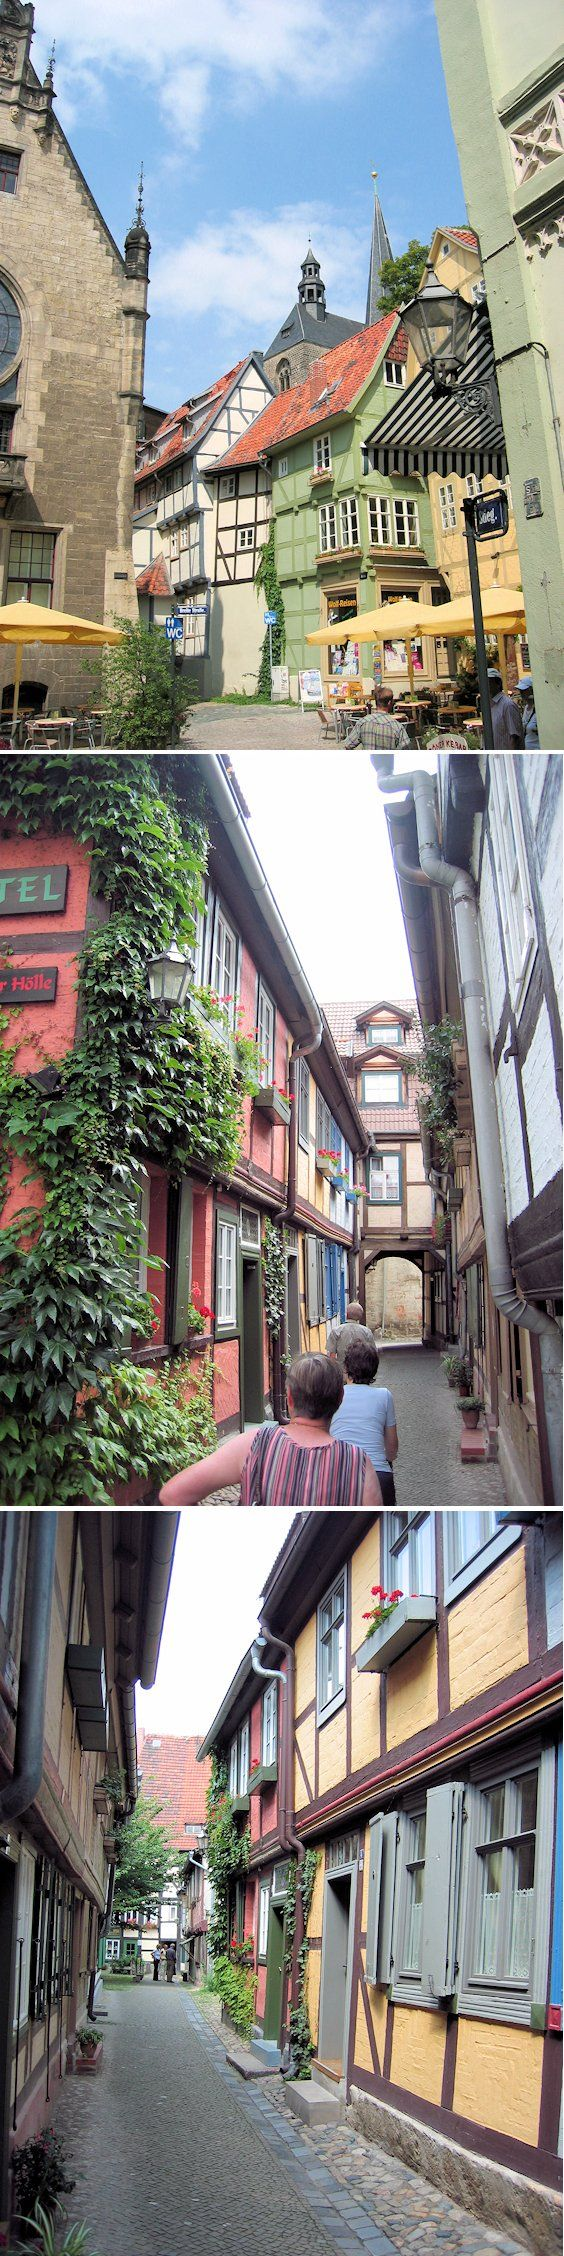 Gassen mit Fachwerkhäusern in der Welterbestadt Quedlinburg im nördlichen Harzvorland ... #quedlinburg #harz #UNESCO